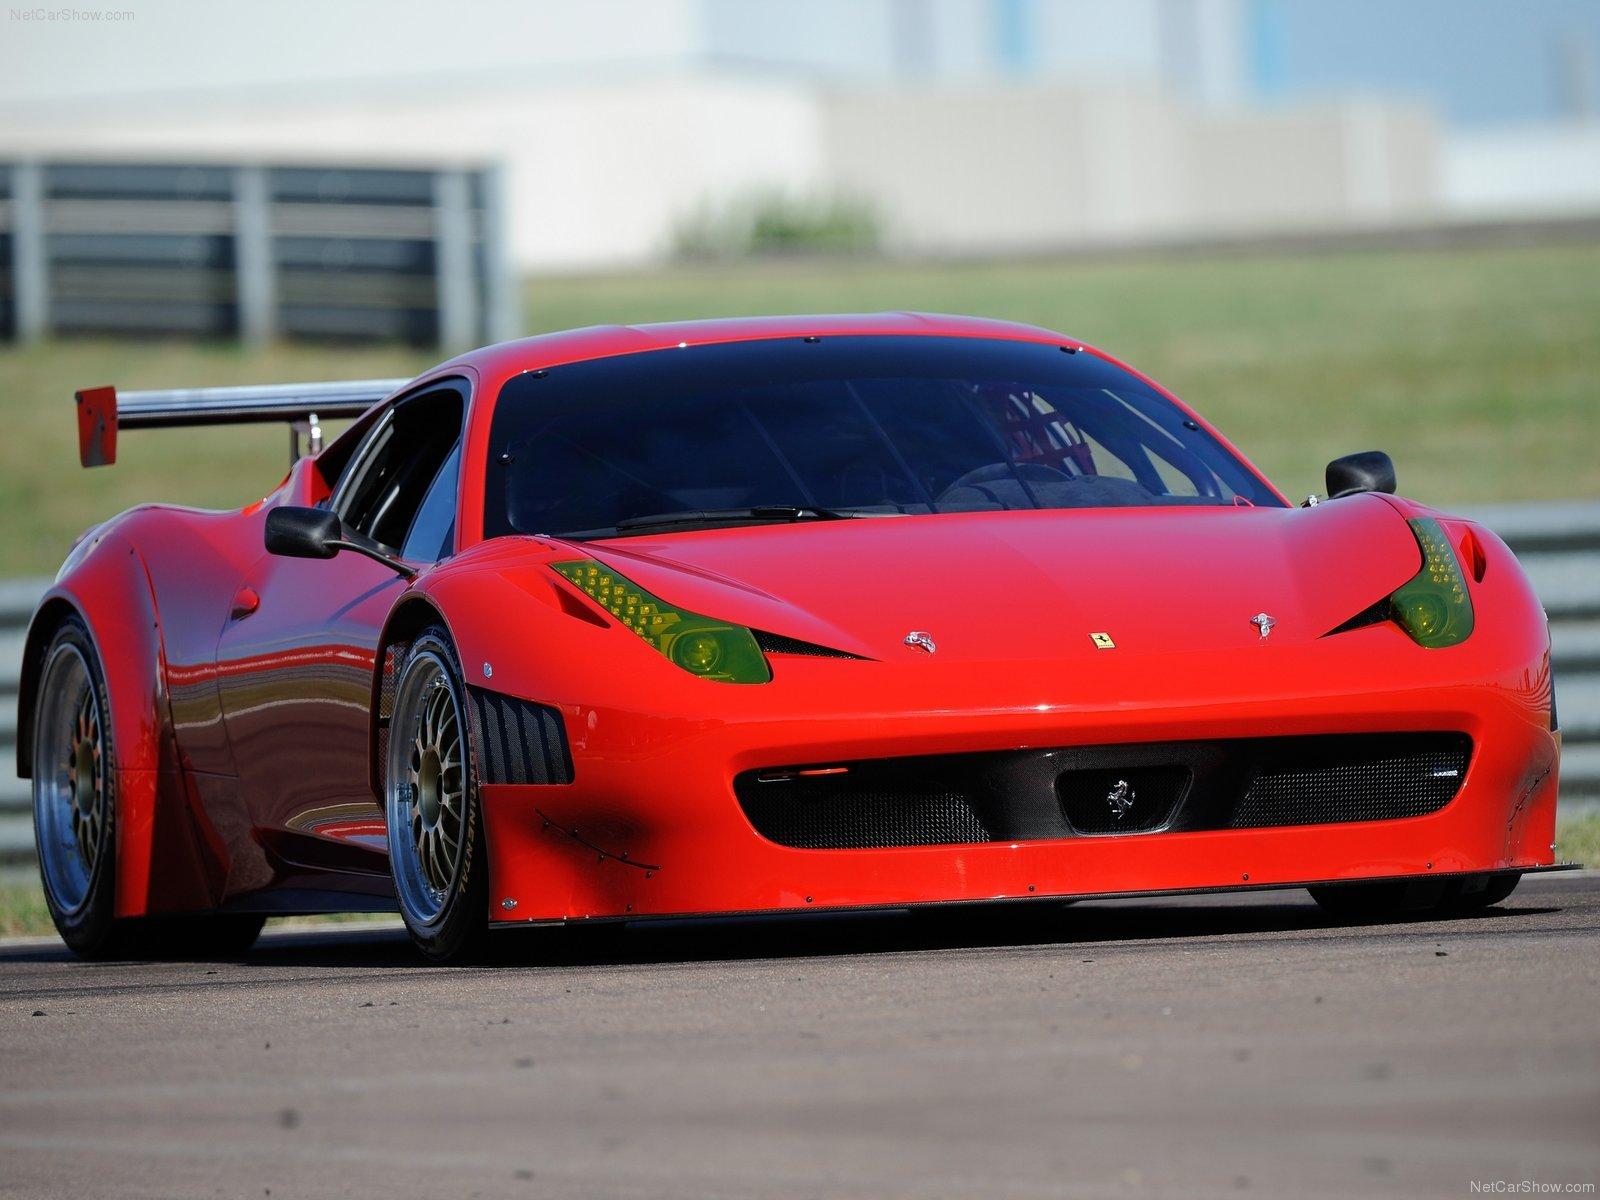 http://3.bp.blogspot.com/-pm_dfGSl3z8/TiyGrlZi6II/AAAAAAAAAuY/CXKw0p9JQtc/s1600/Ferrari-458_Italia_Grand_Am_2012_1600x1200_wallpaper_02.jpg